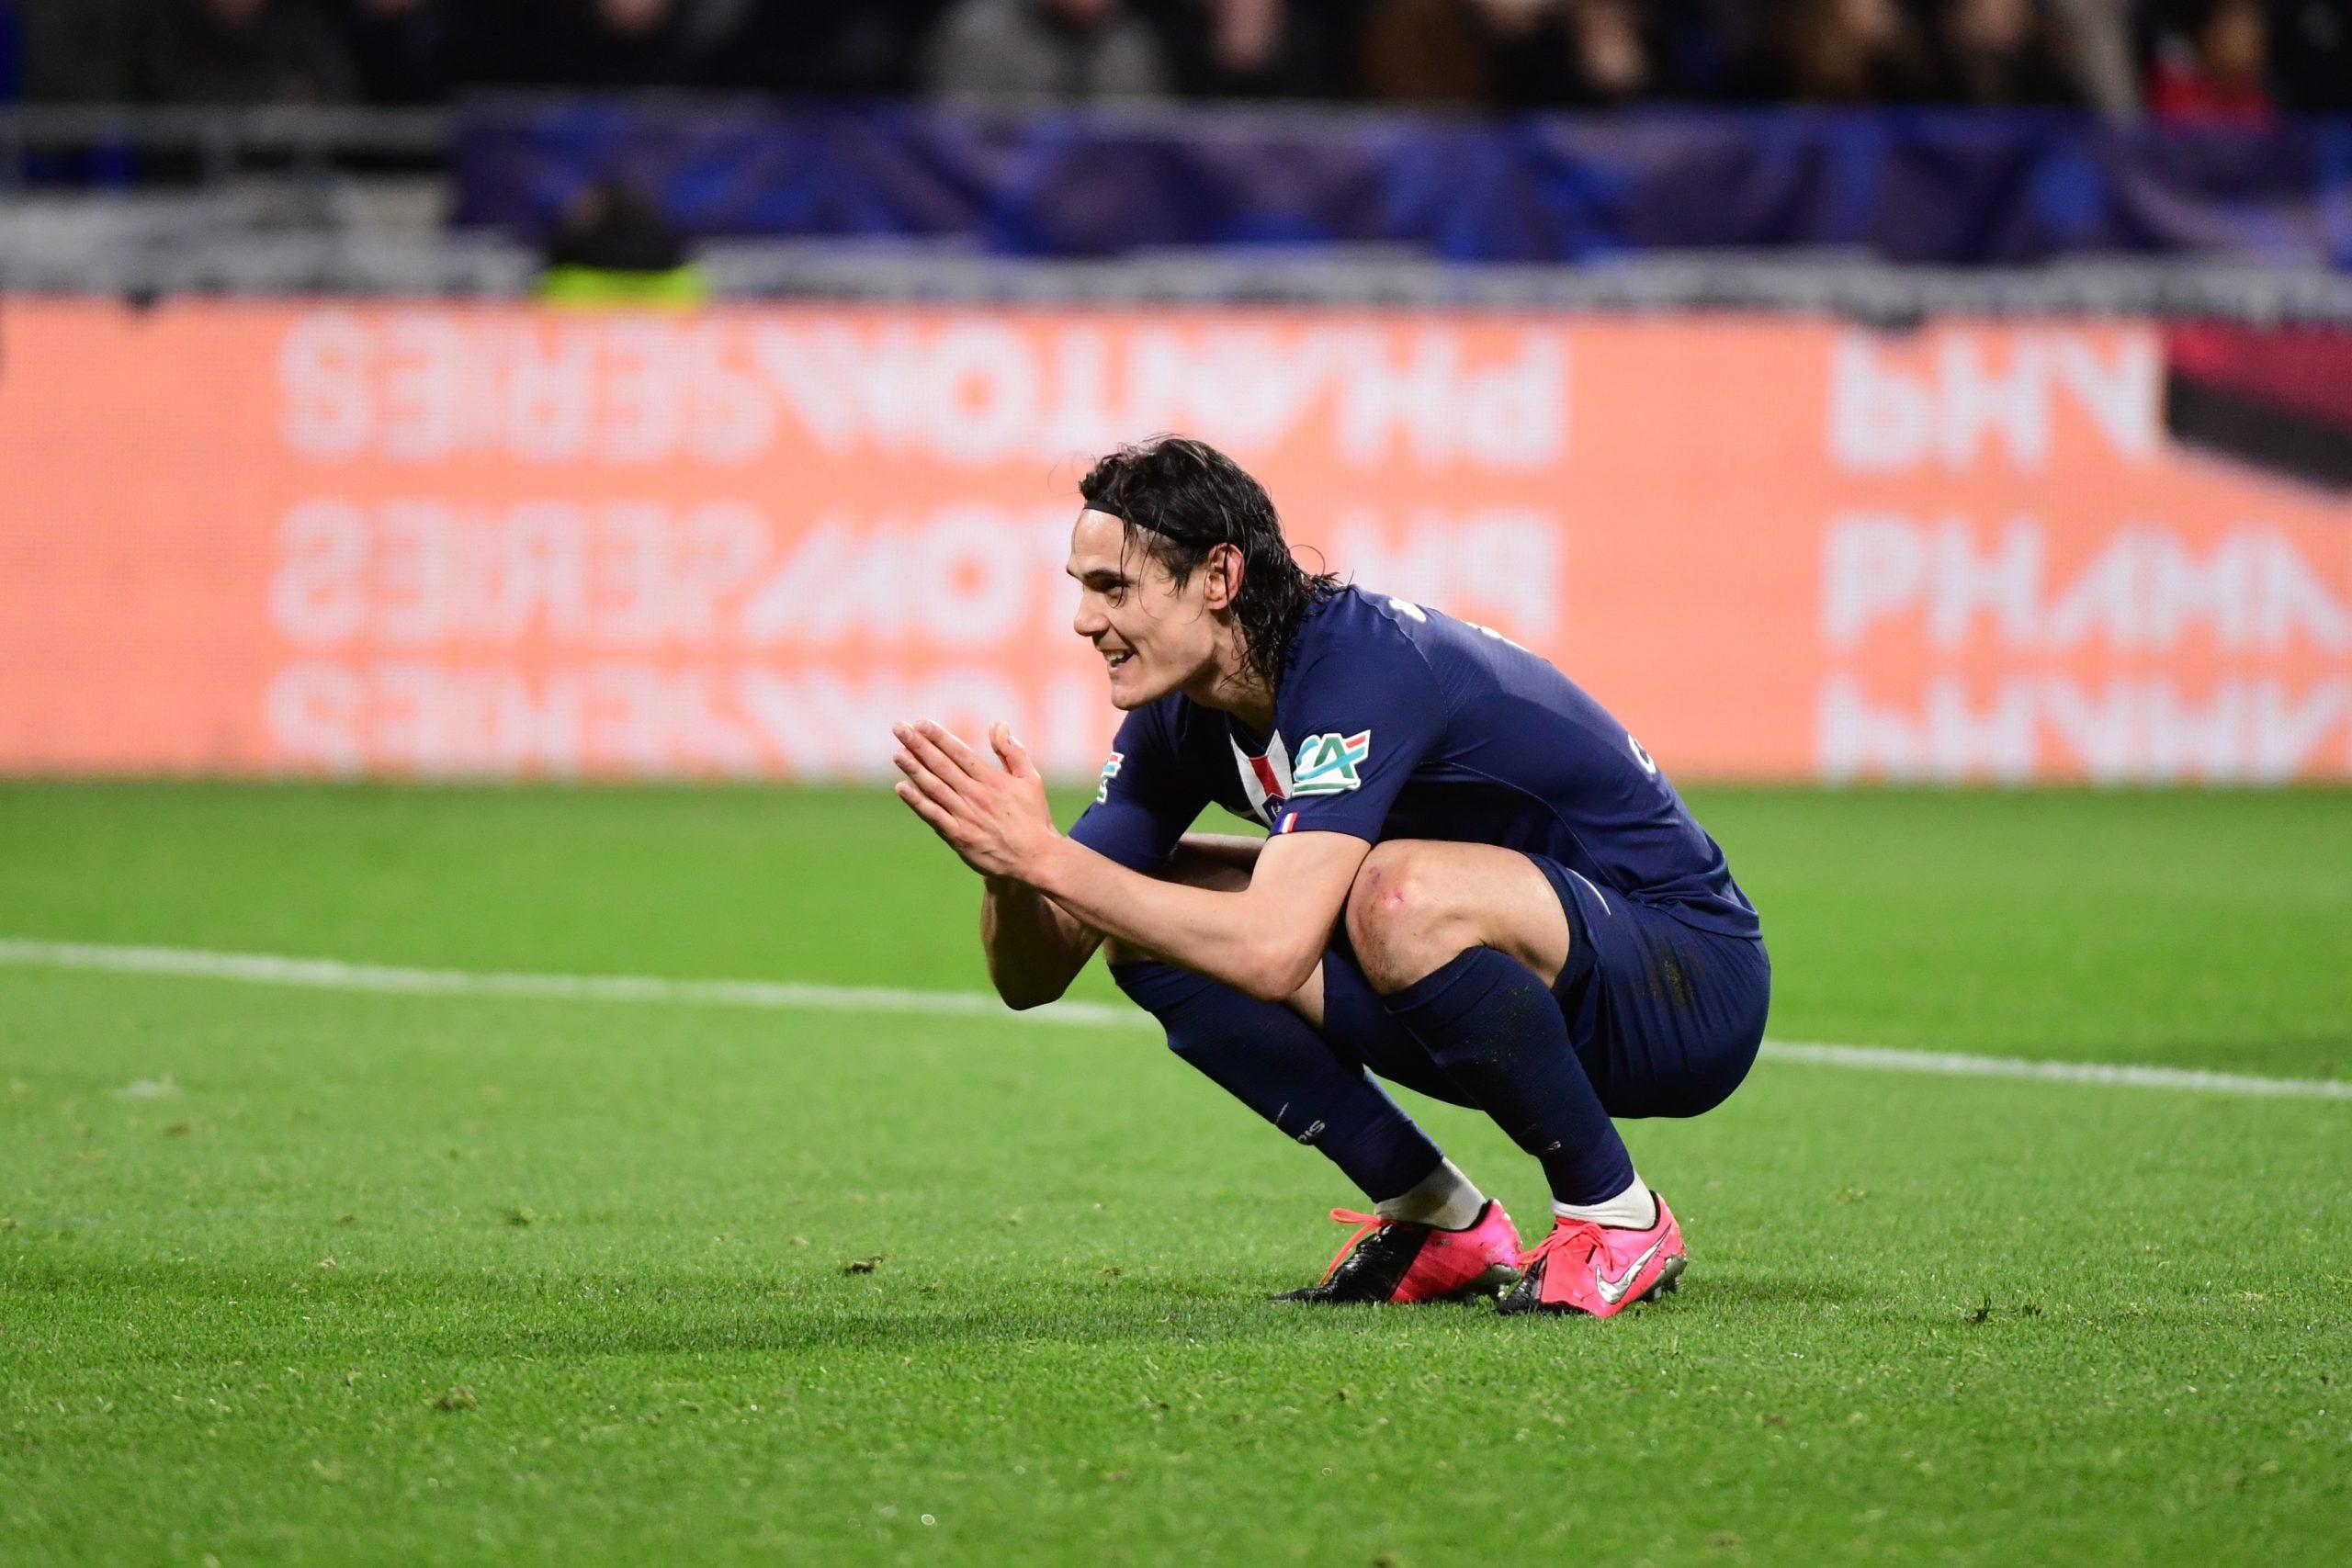 Benedetto répète qu'il souhaite voir Cavani au Boca Juniors et évoque un échange de maillots